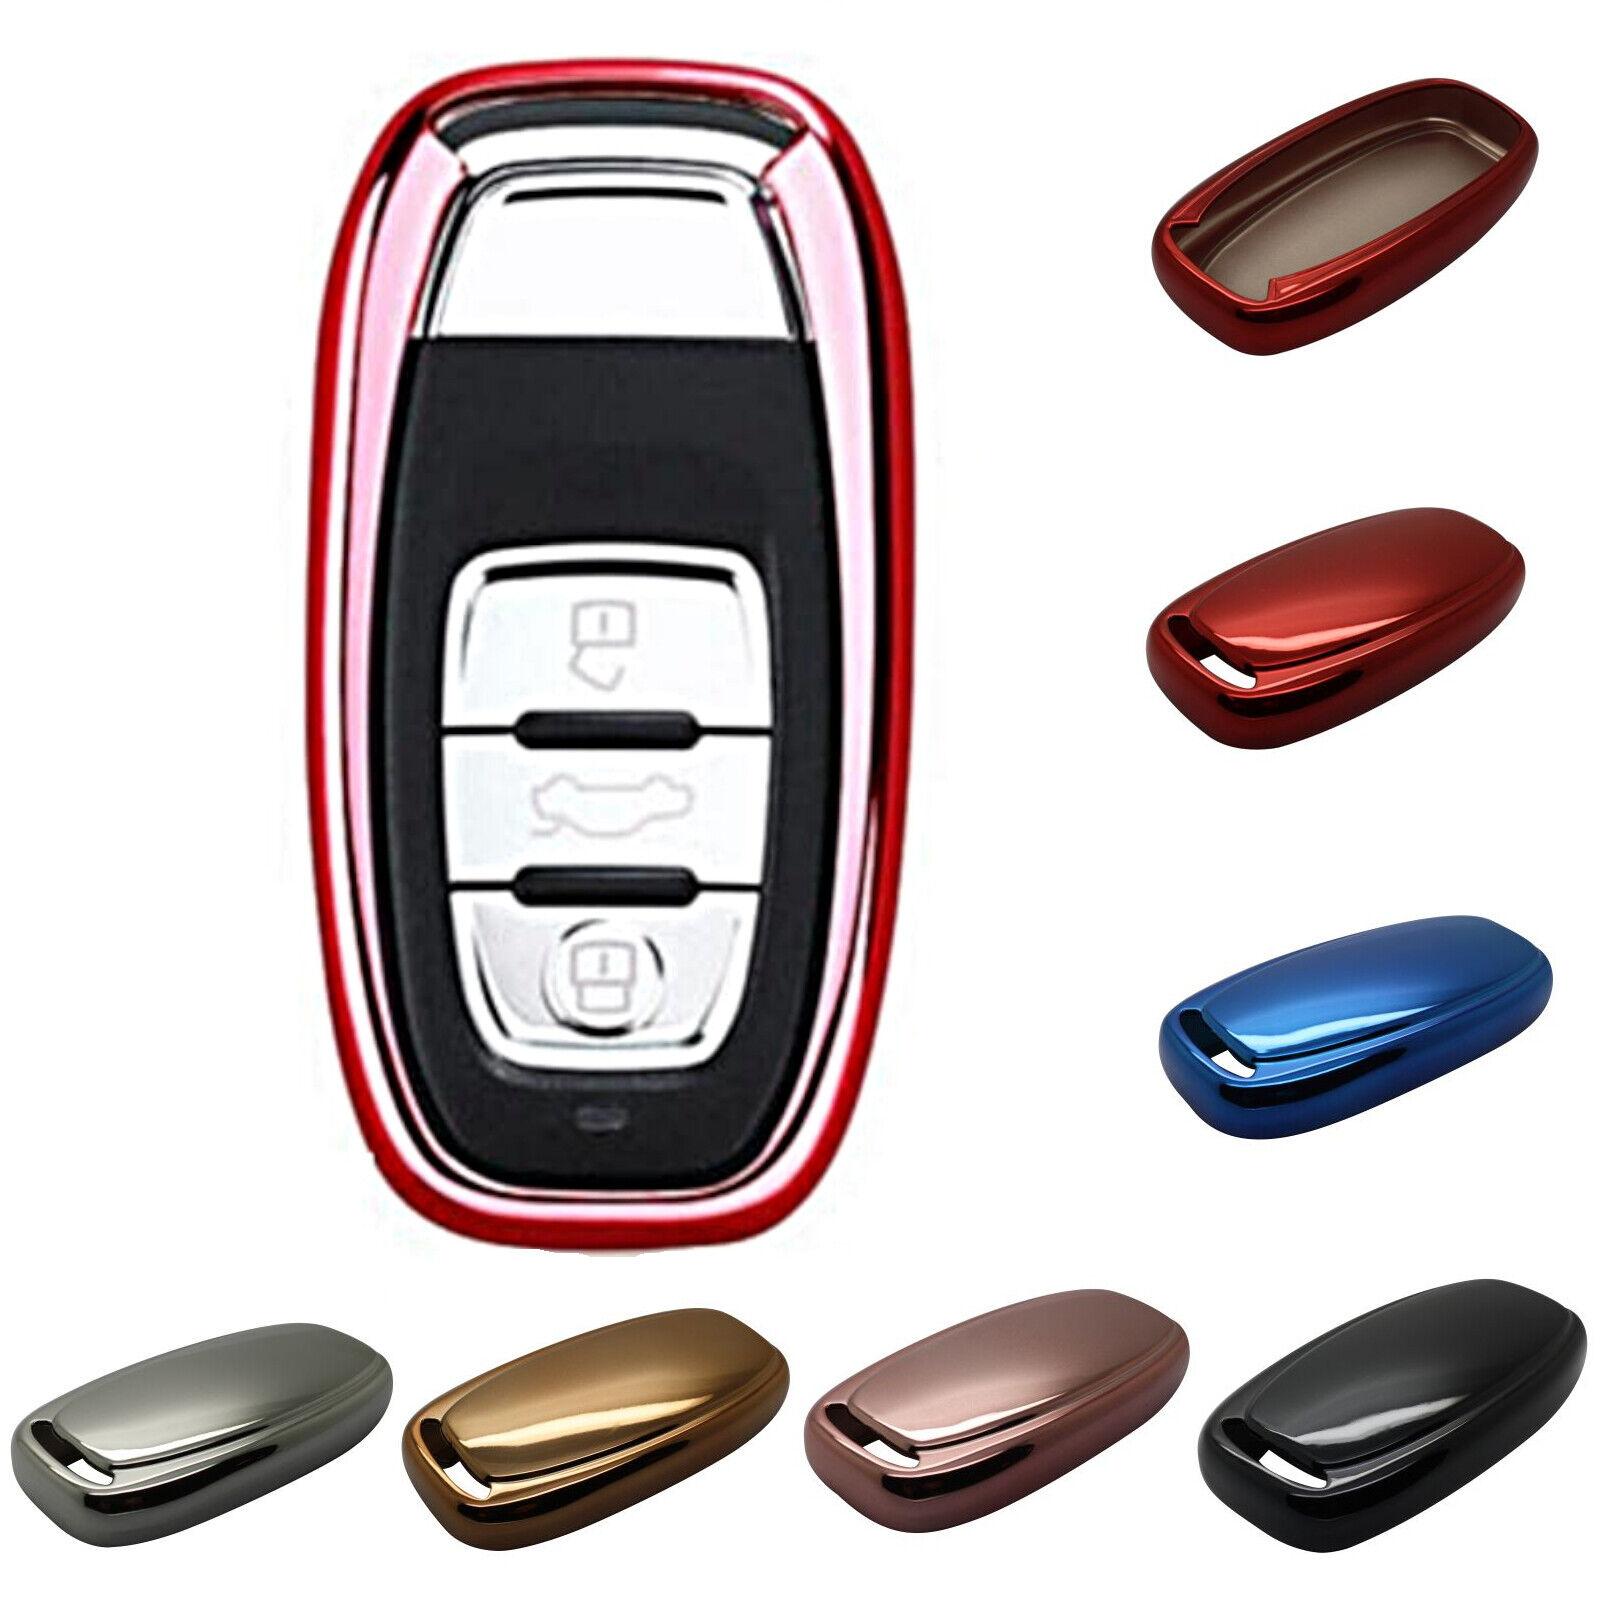 Audi 8a094130129113 Günstig Kaufen Ebay